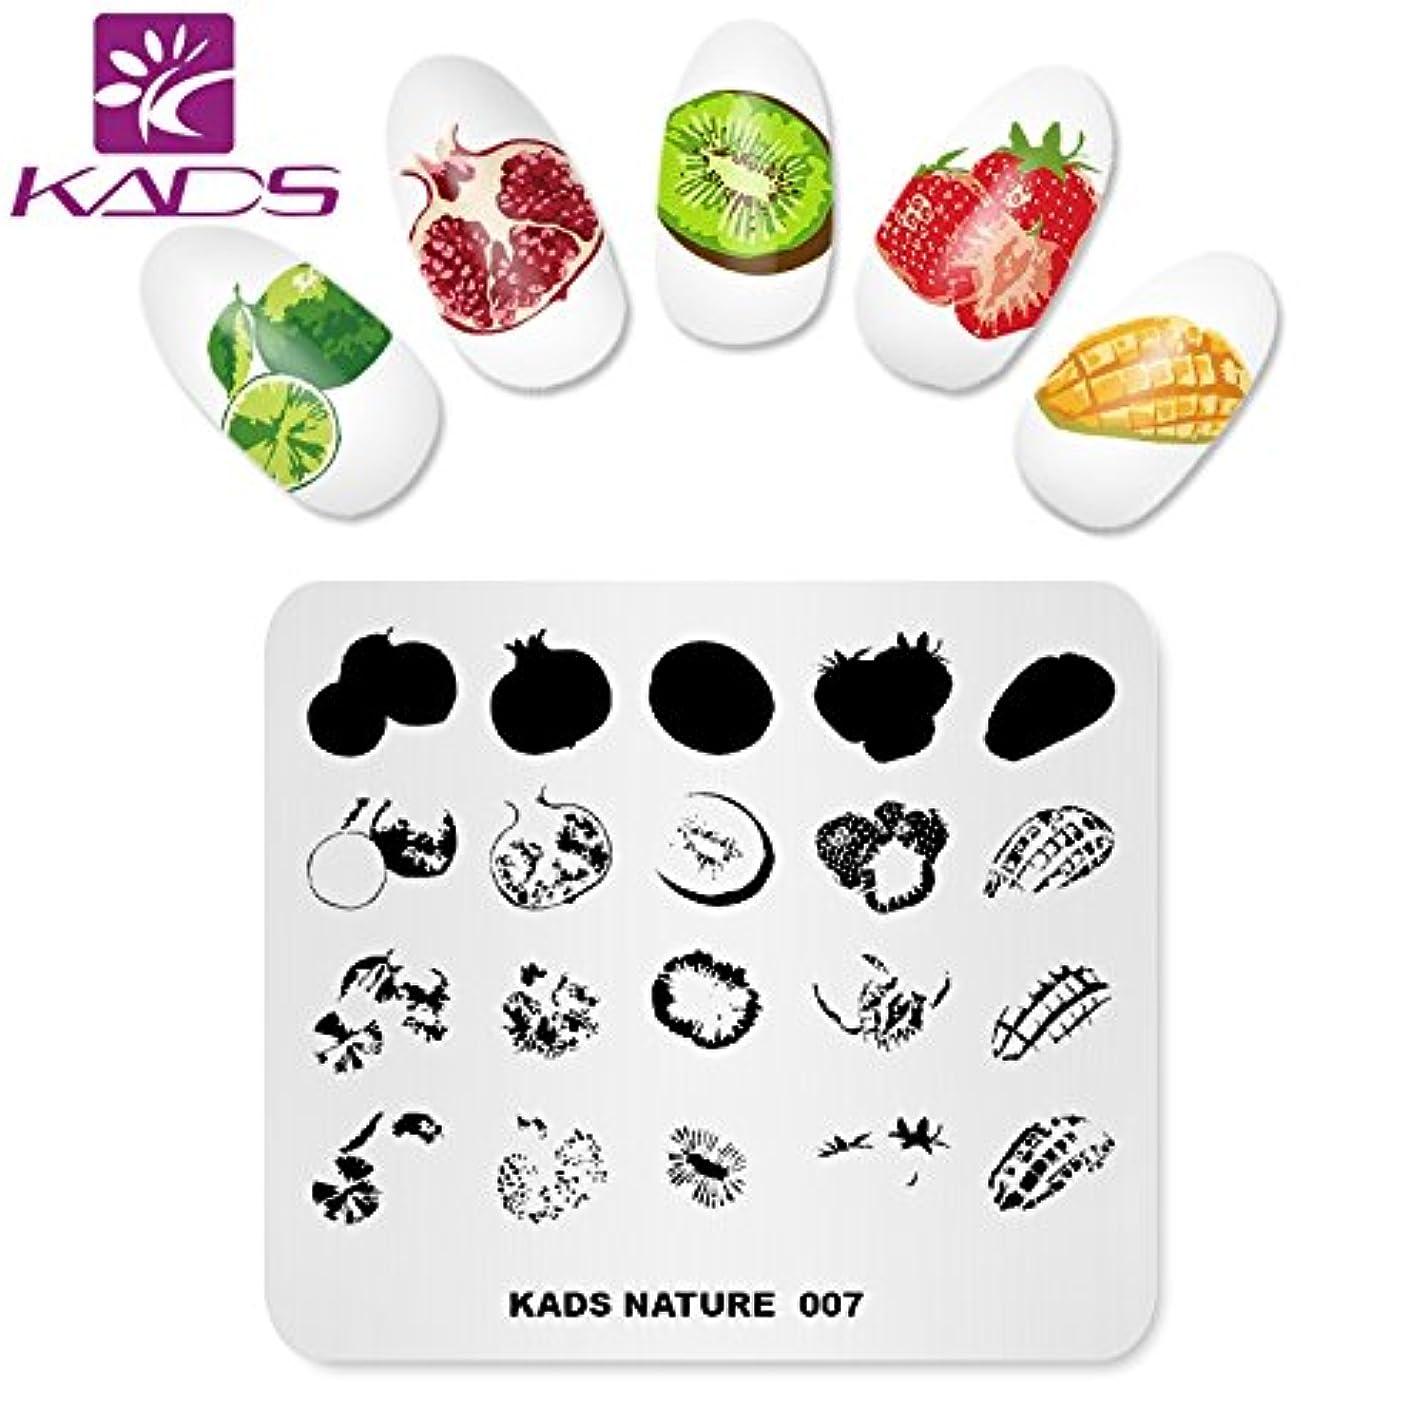 しっとり酸知覚KADS ネイルスタンプ ネイルスタンピングプレート ナチュラル系 ネイルステンシル ネイルアート道具 (NA007)